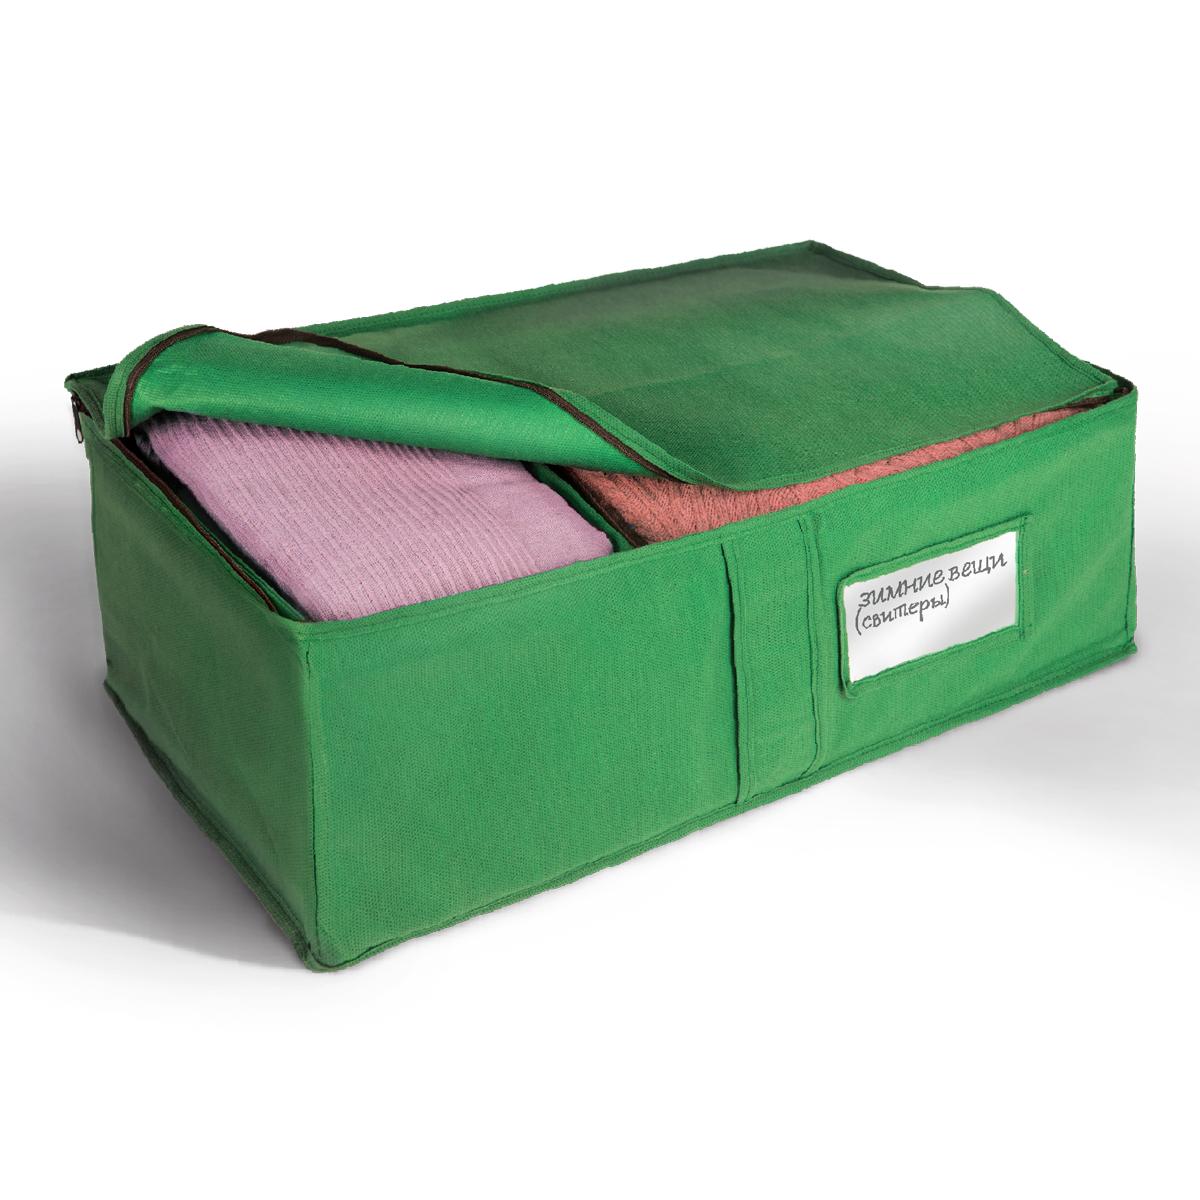 Кофр для хранения Miolla, складной, цвет: зеленый, 60 х 30 х 20 смCHL-7-2Компактный складной кофр Miolla изготовлен из высококачественного нетканого материала, который обеспечивает естественную вентиляцию, позволяя воздуху проникать внутрь, но не пропускает пыль. Изделие закрывается на молнию.